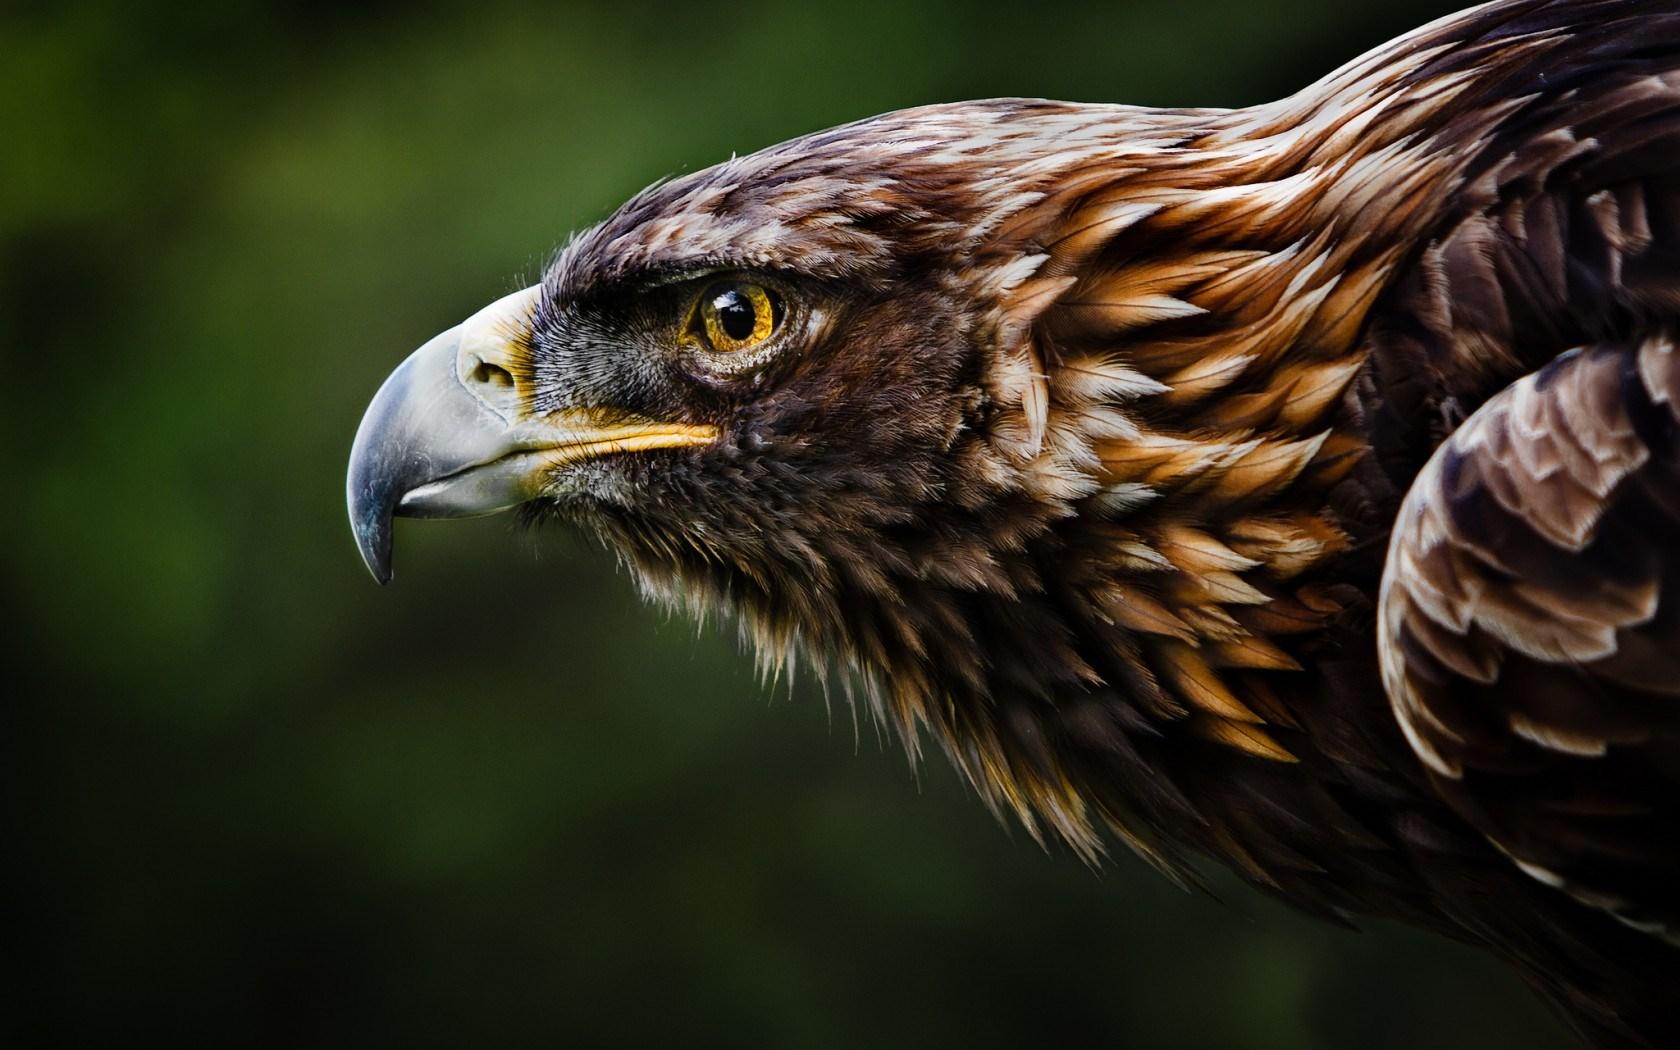 Golden Eagle Beak Profile